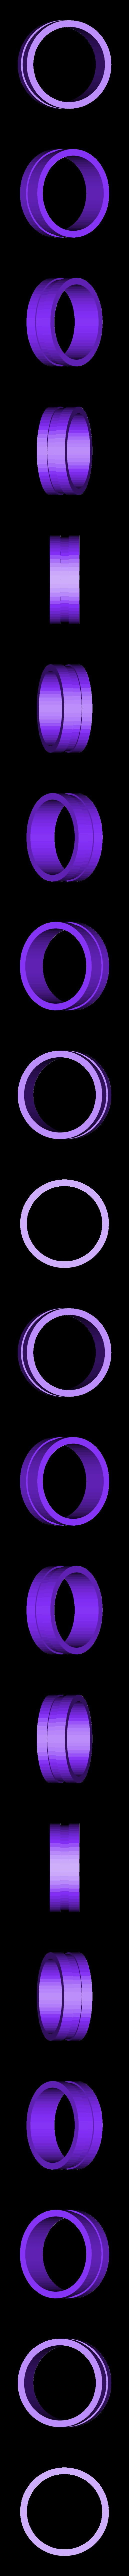 anillo 18 interior.stl Télécharger fichier STL gratuit Anillo / Ring • Objet imprimable en 3D, amg3D